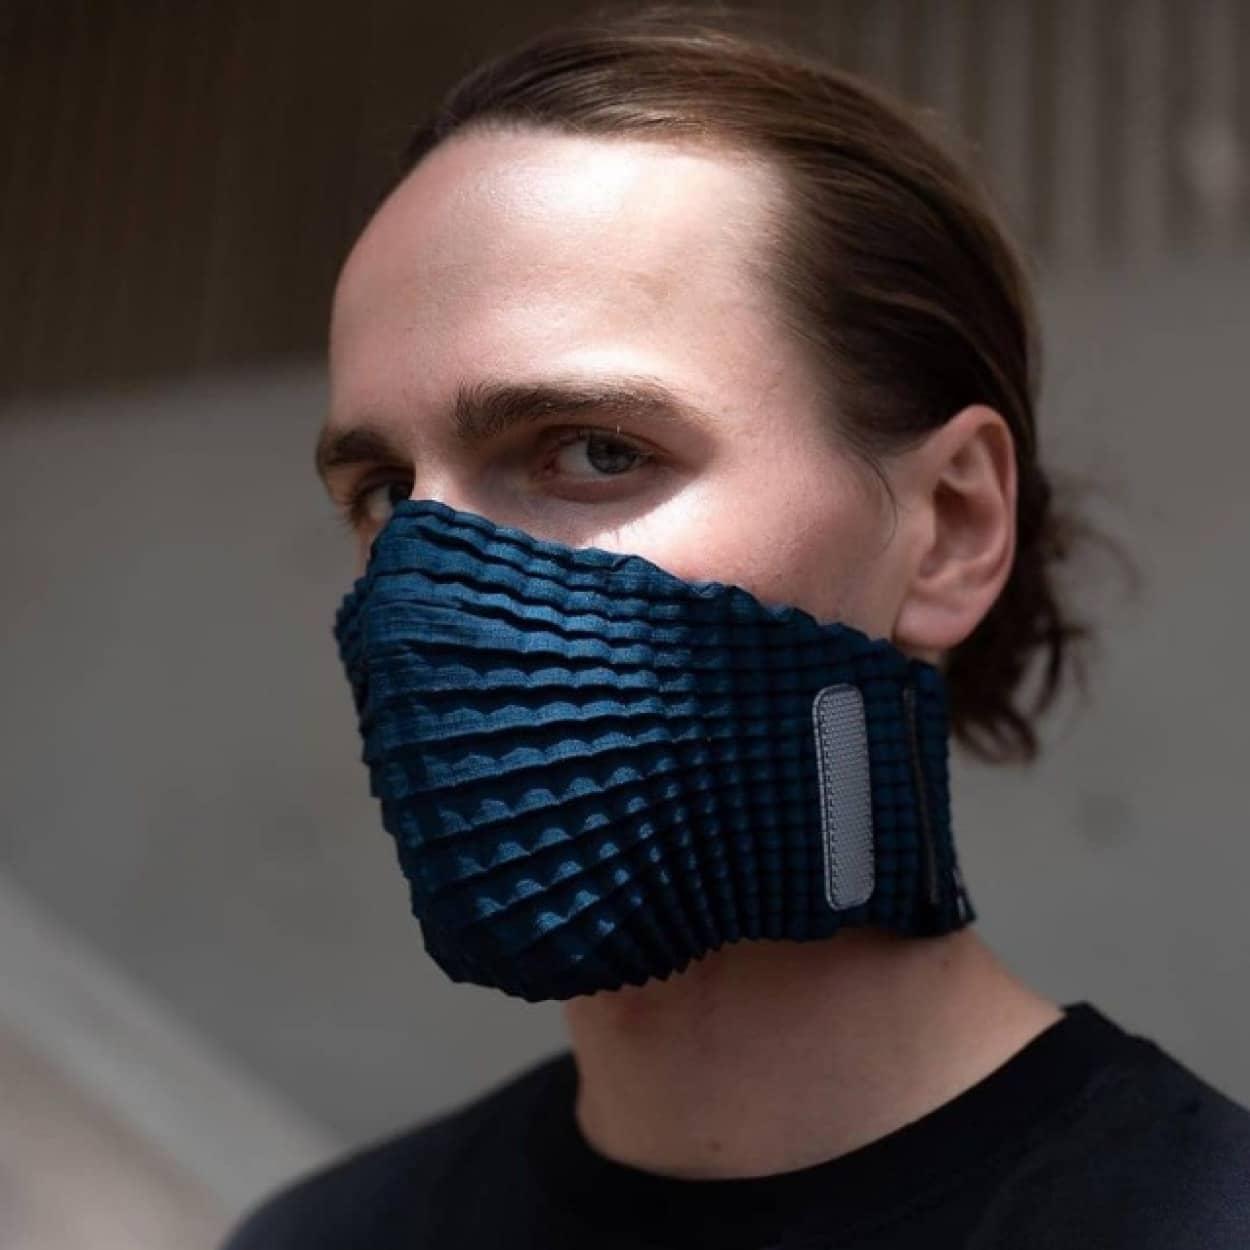 デザイン性の高いペットボトルリサイクルマスク